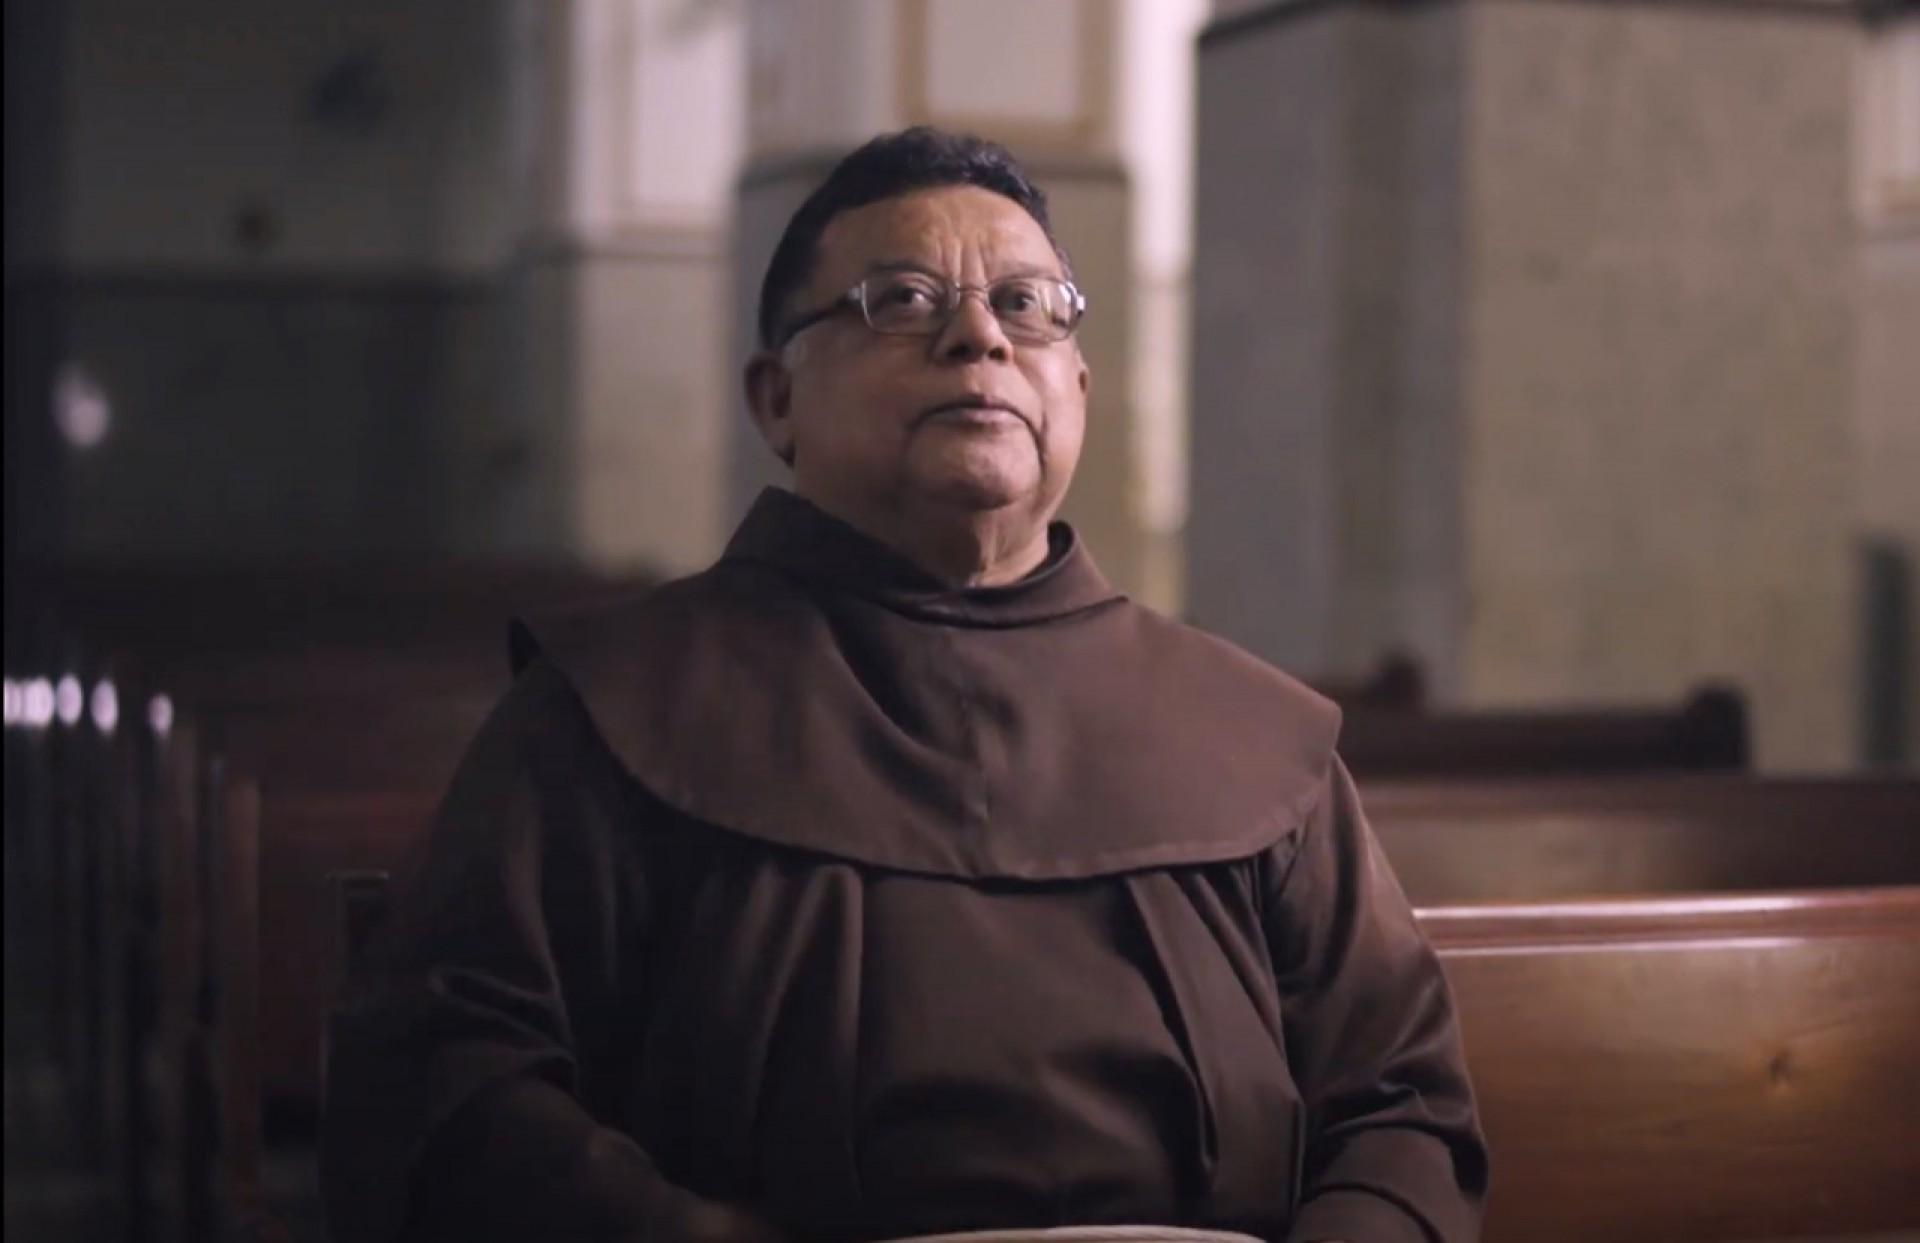 Frei Jonaldo Adelino, 70, pároco de Canindé, inicia a websérie Apaixonados por Gente, realizada pelo Grupo O POVO, em parceria com o Hapvida